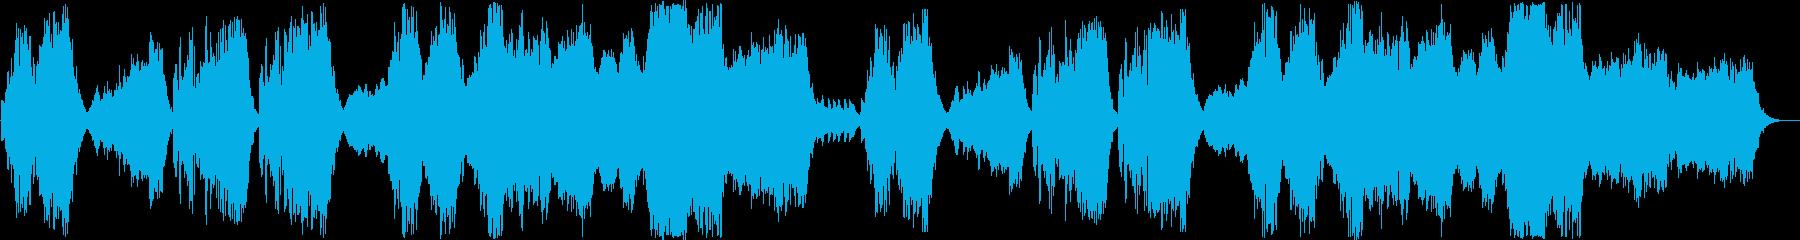 穏やかなリラックスできるヒーリング曲の再生済みの波形